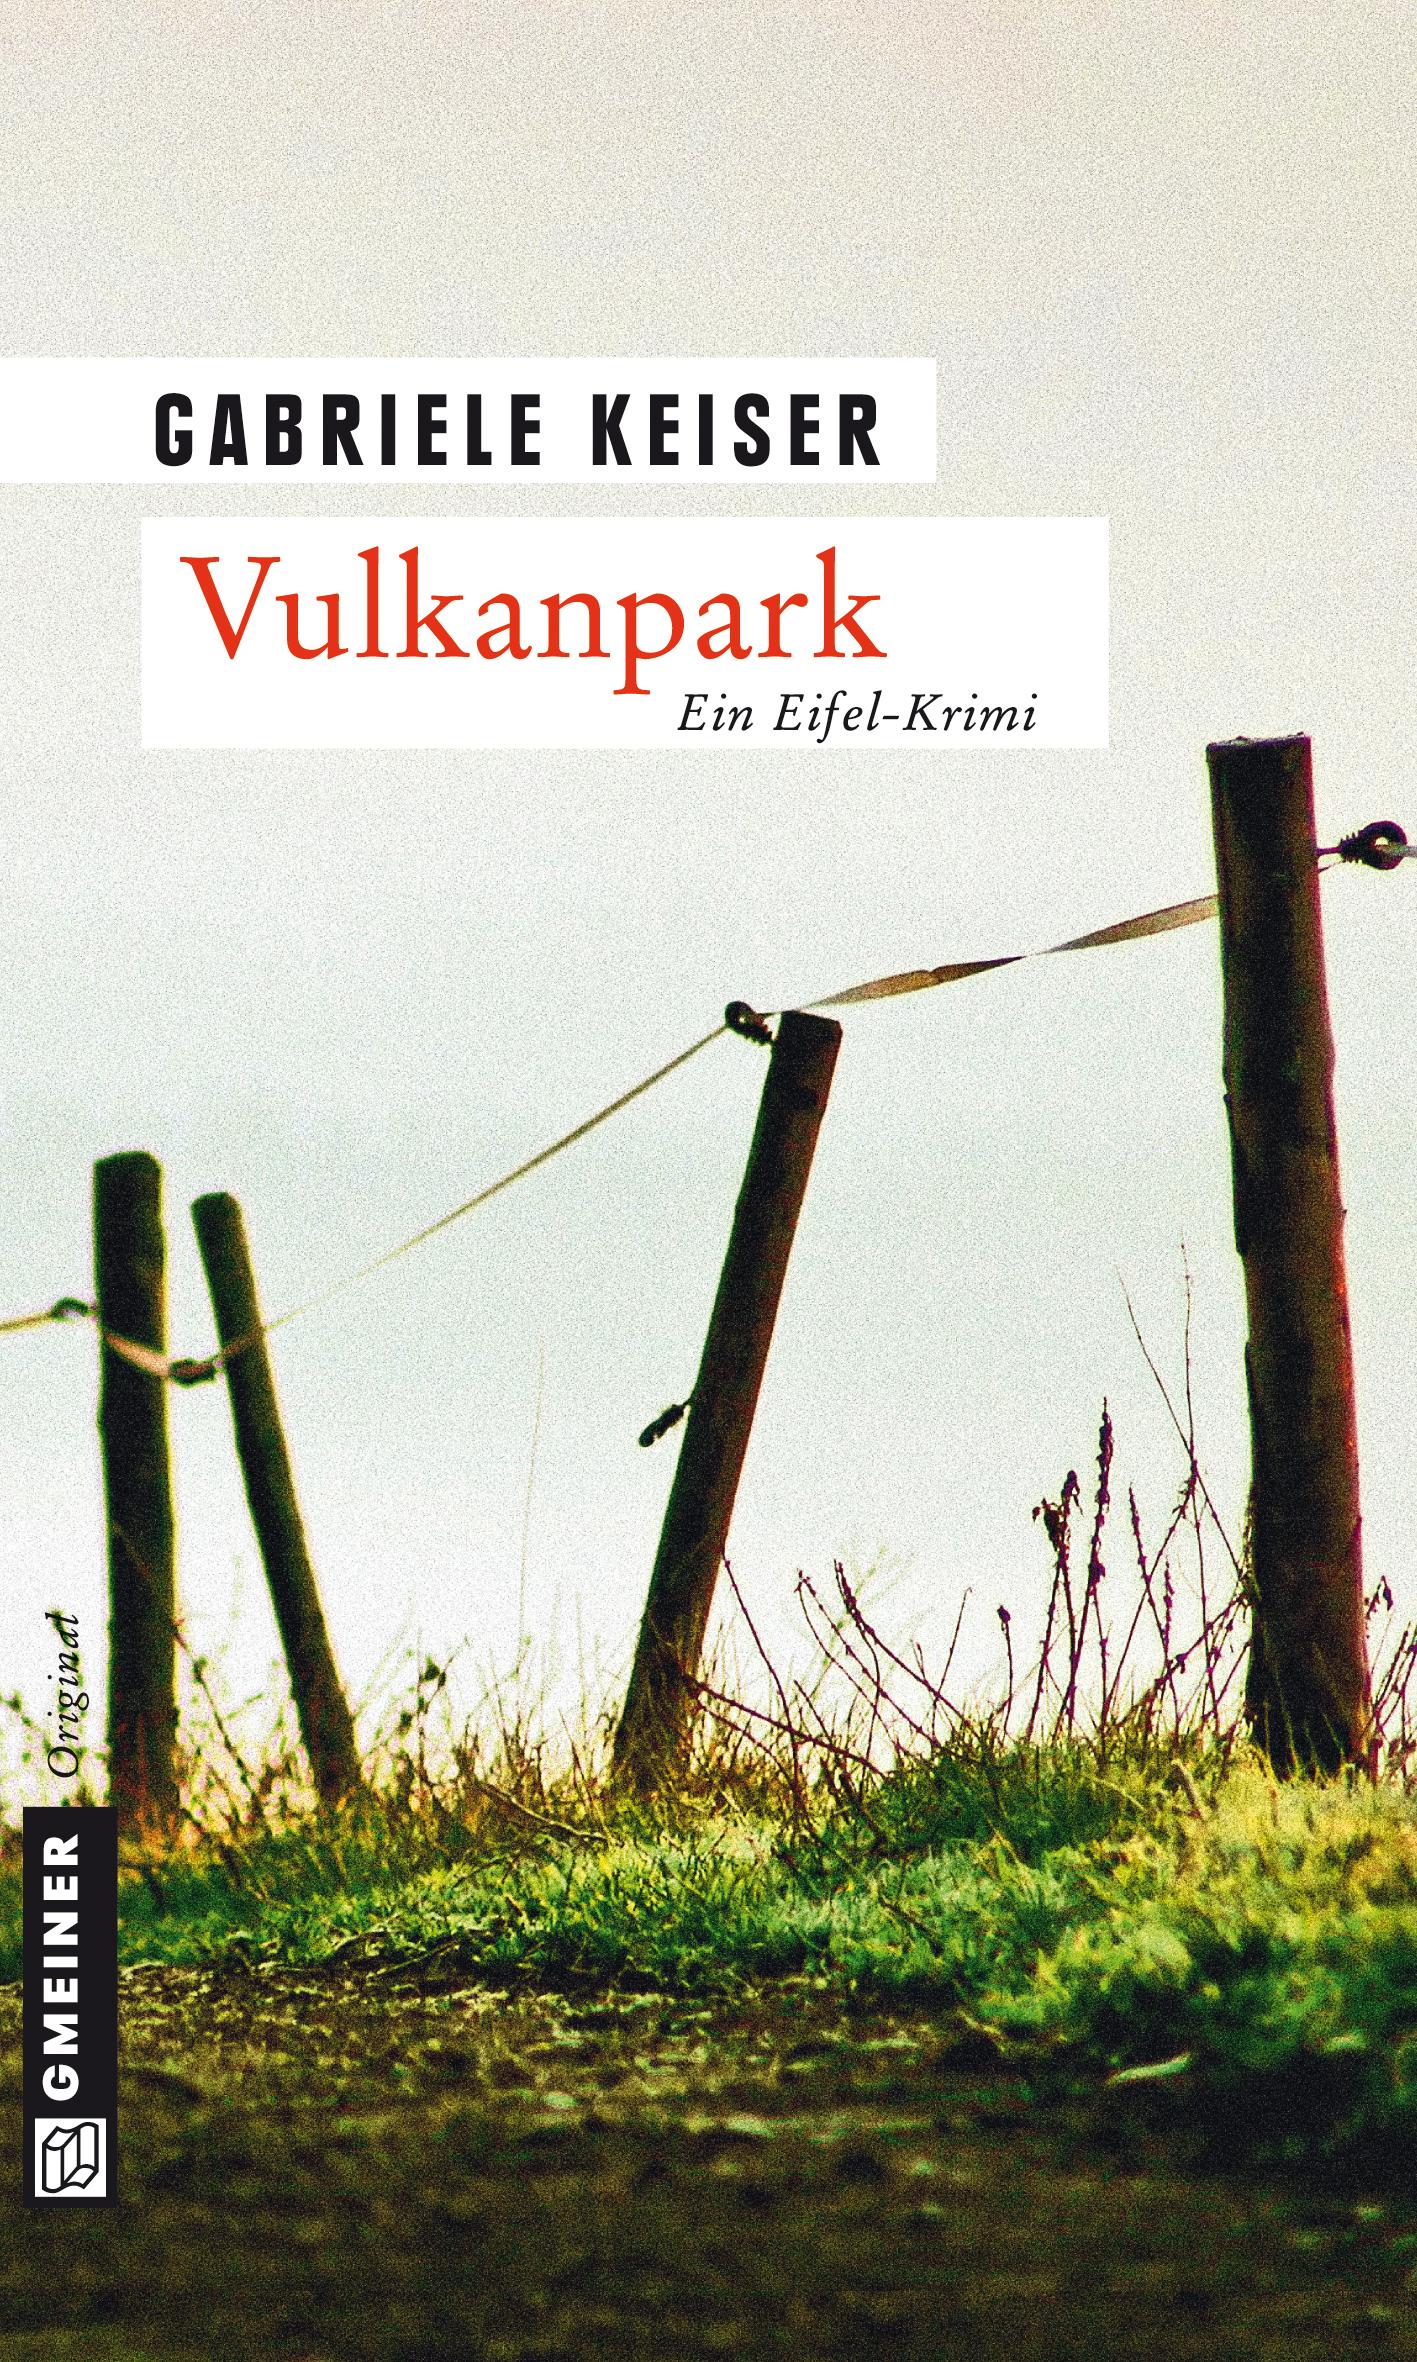 Vulkanpark_RLYn